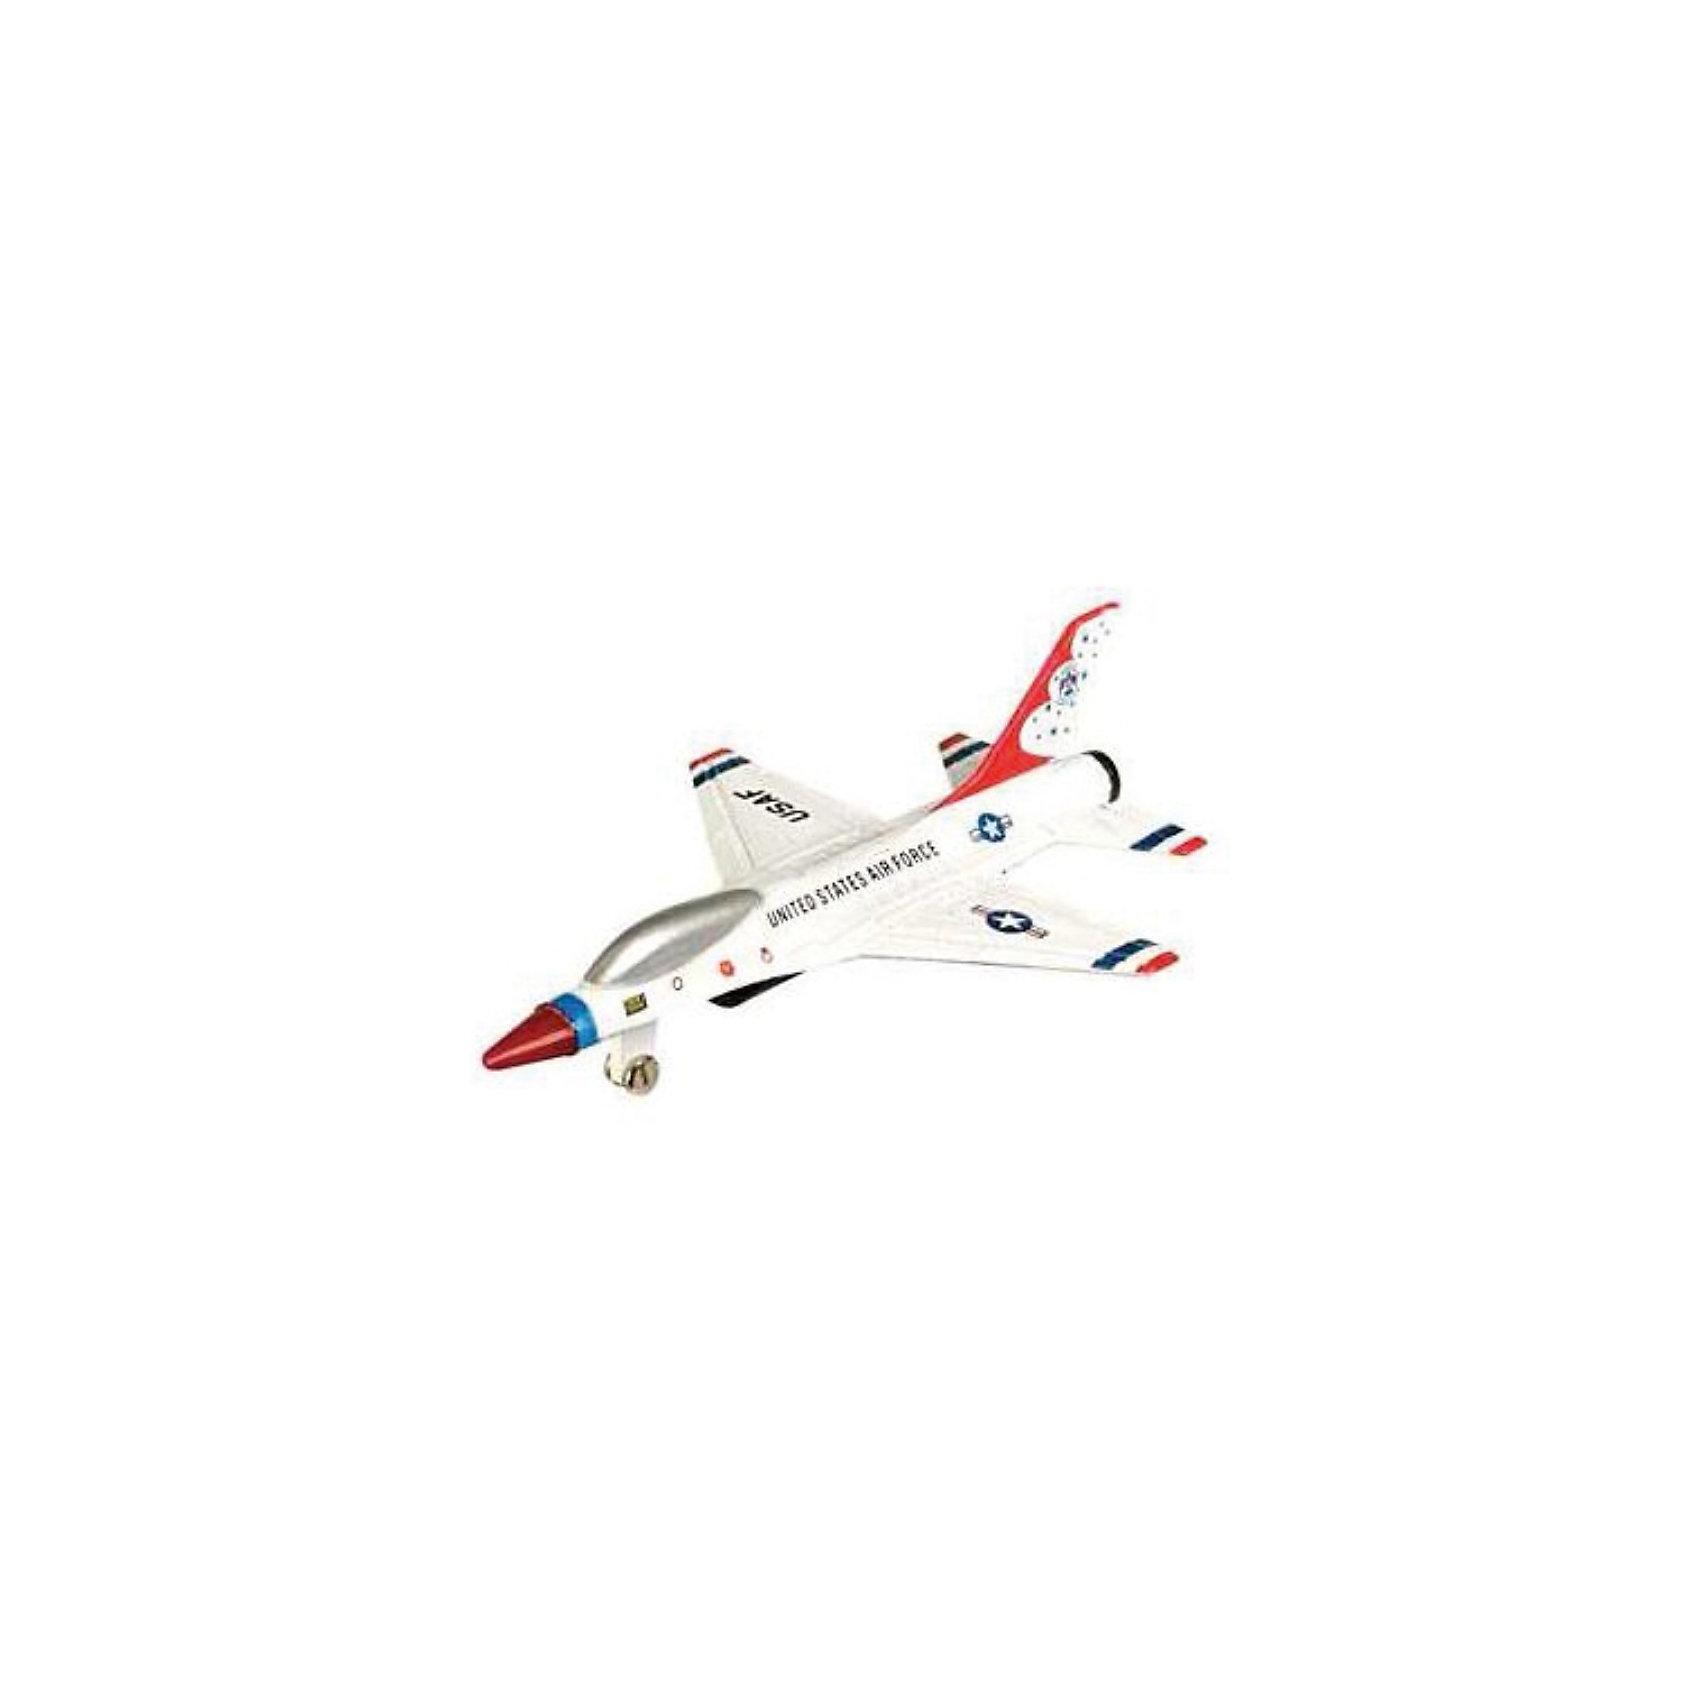 Самолет F-16,  MotormaxСамолет F-16,  Motormax (Мотормакс) – это отличное пополнение коллекции авиационной техники.<br>Коллекционная игрушка самолет F-16 от компании Motormax (Мотормакс) в точности повторяет контуры американского истребителя, который выпускается, по сей день, чем вызовет неподдельный интерес, как у ребенка, так и взрослого коллекционера. Модель максимально приближена к своему прототипу. По сути это уменьшенная копия настоящего самолета, сохранившая его пропорции и узнаваемые элементы. Стоит также отметить хорошую для таких размеров детализацию. Модель самолета изготовлена из прочного и качественного пластика, поэтому может использоваться и для обычной игры.<br><br>Дополнительная информация:<br><br>- Длина самолета: 9 см.<br>- Материал: пластик<br><br>Самолет F-16,  Motormax (Мотормакс) можно купить в нашем интернет-магазине.<br><br>Ширина мм: 127<br>Глубина мм: 30<br>Высота мм: 178<br>Вес г: 80<br>Возраст от месяцев: 36<br>Возраст до месяцев: 168<br>Пол: Мужской<br>Возраст: Детский<br>SKU: 3839008